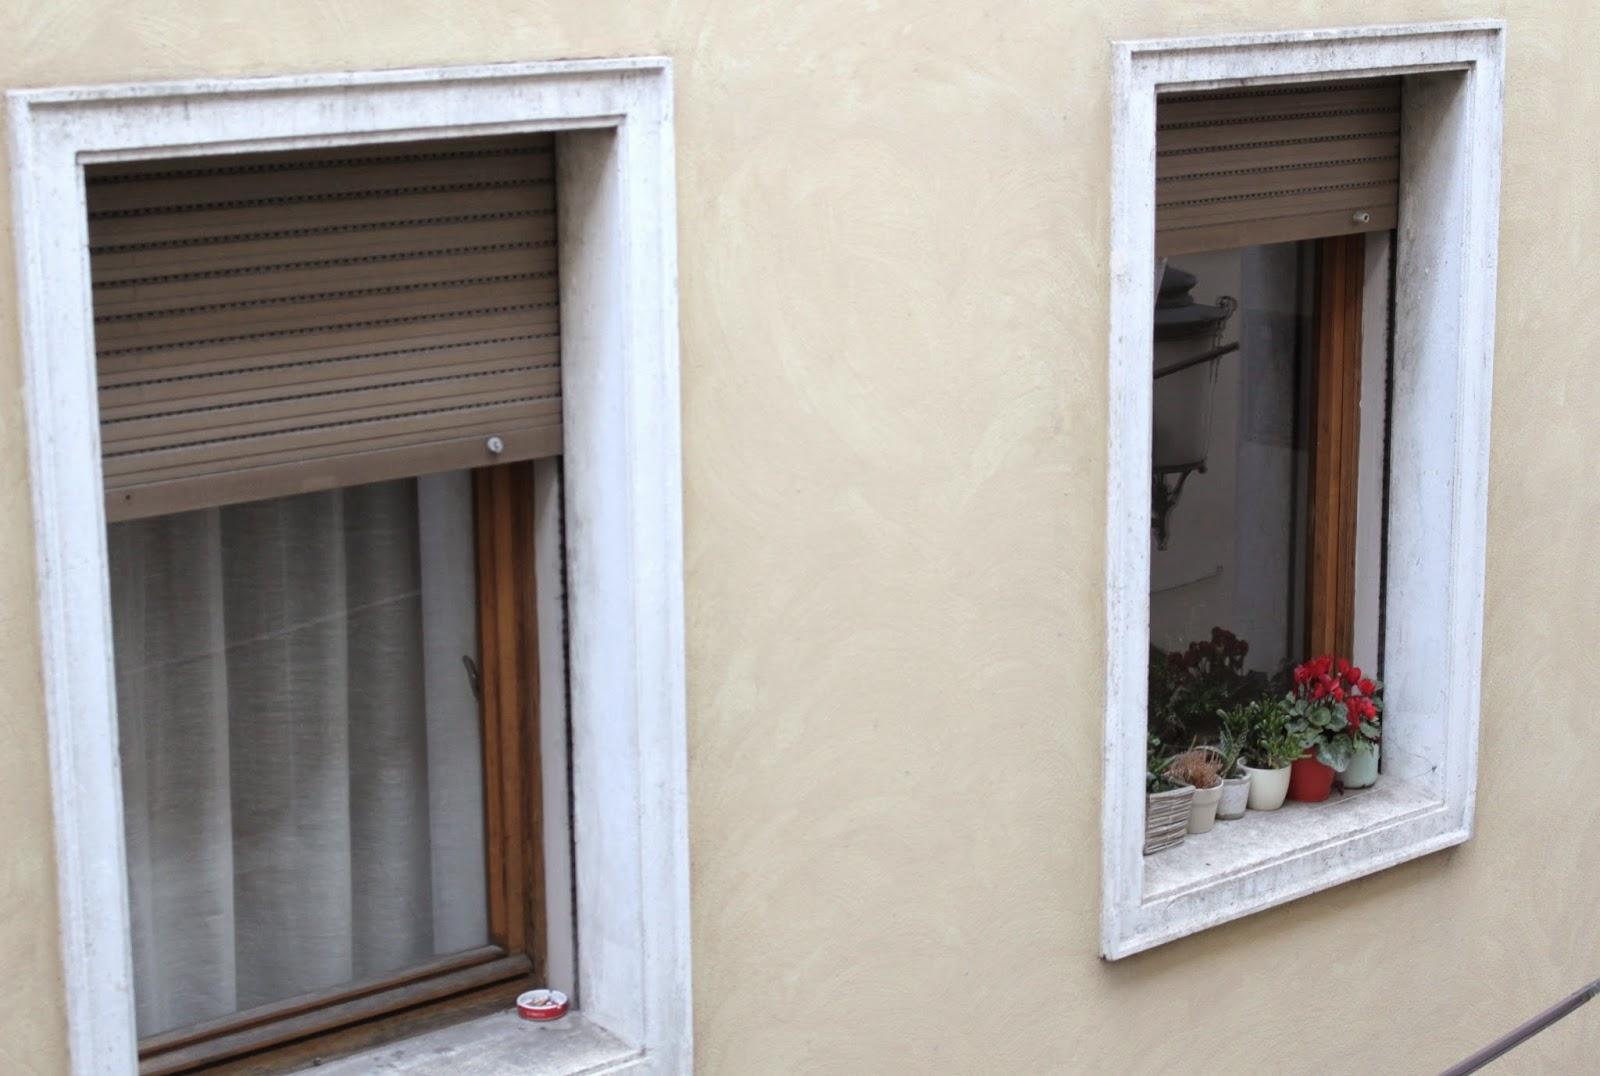 ventana-con-flores-padova